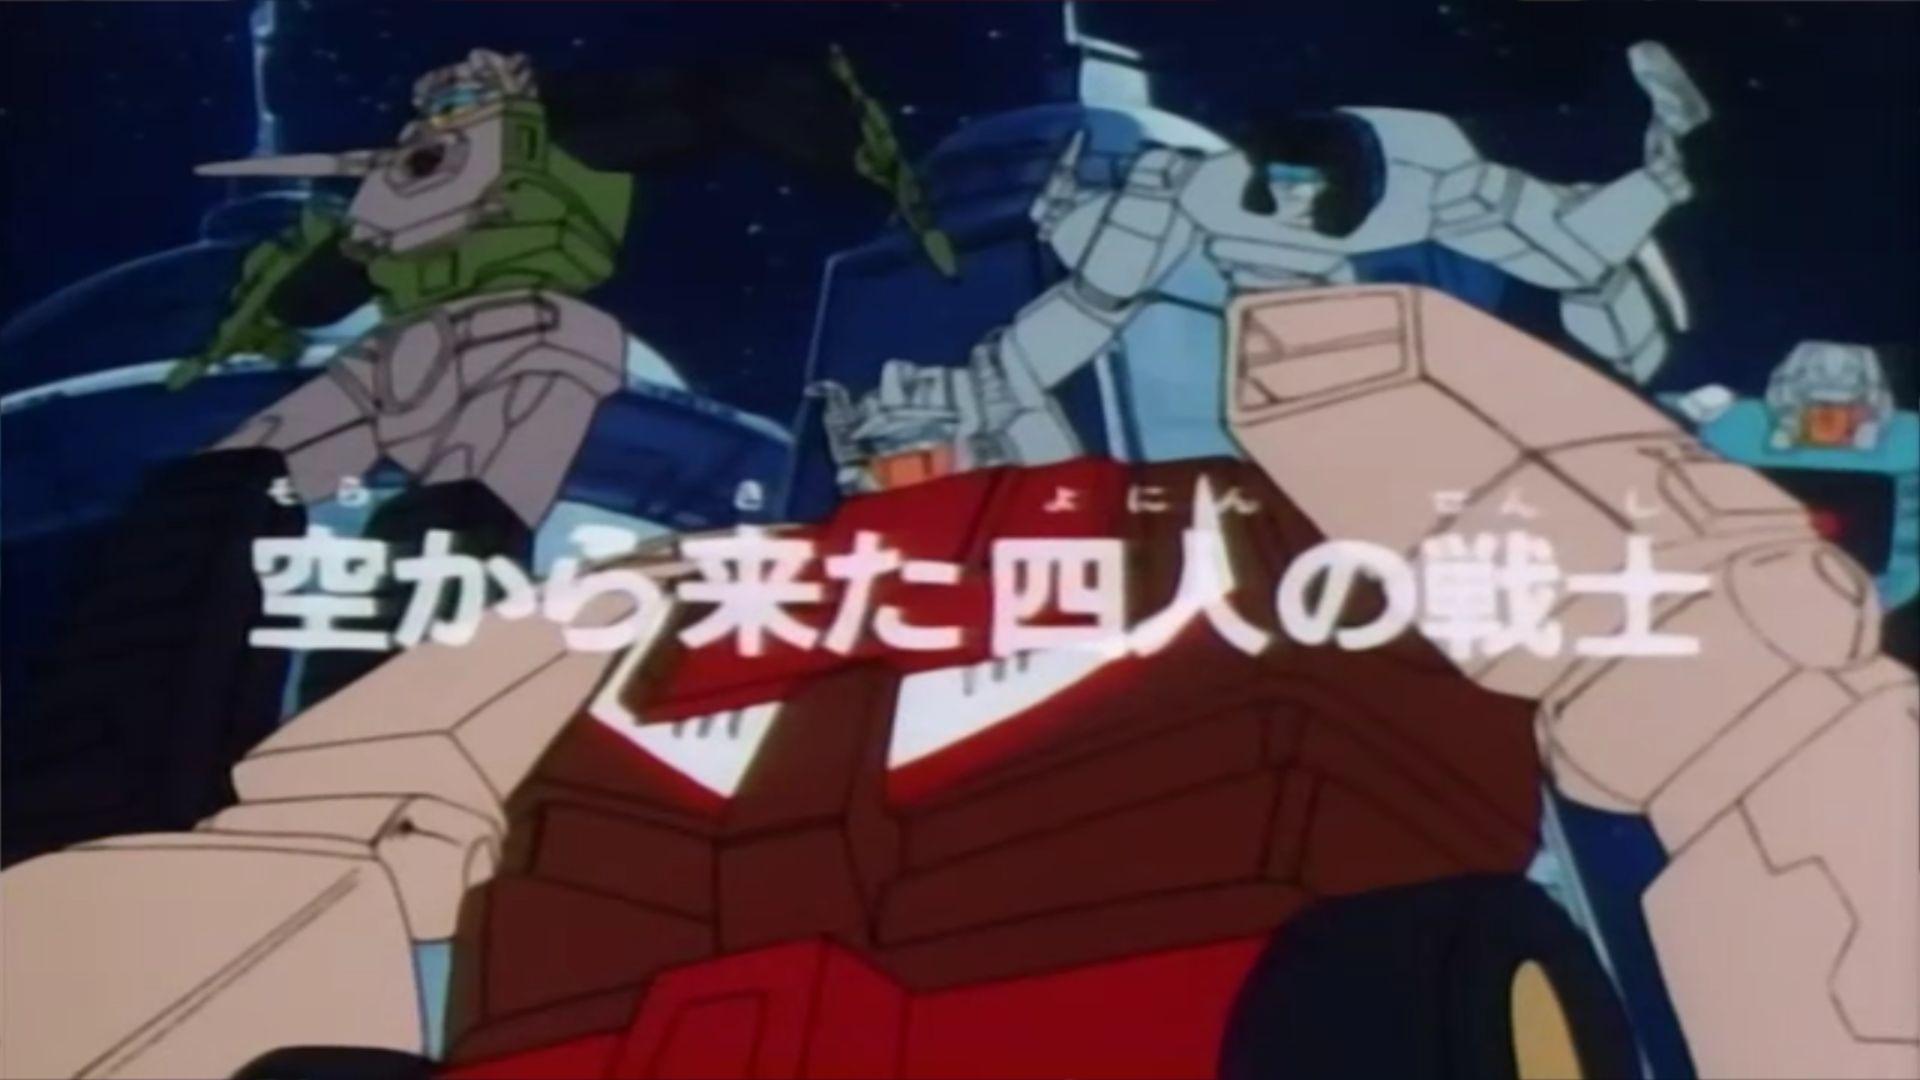 File:The Headmasters - 01 - Japanese.jpg